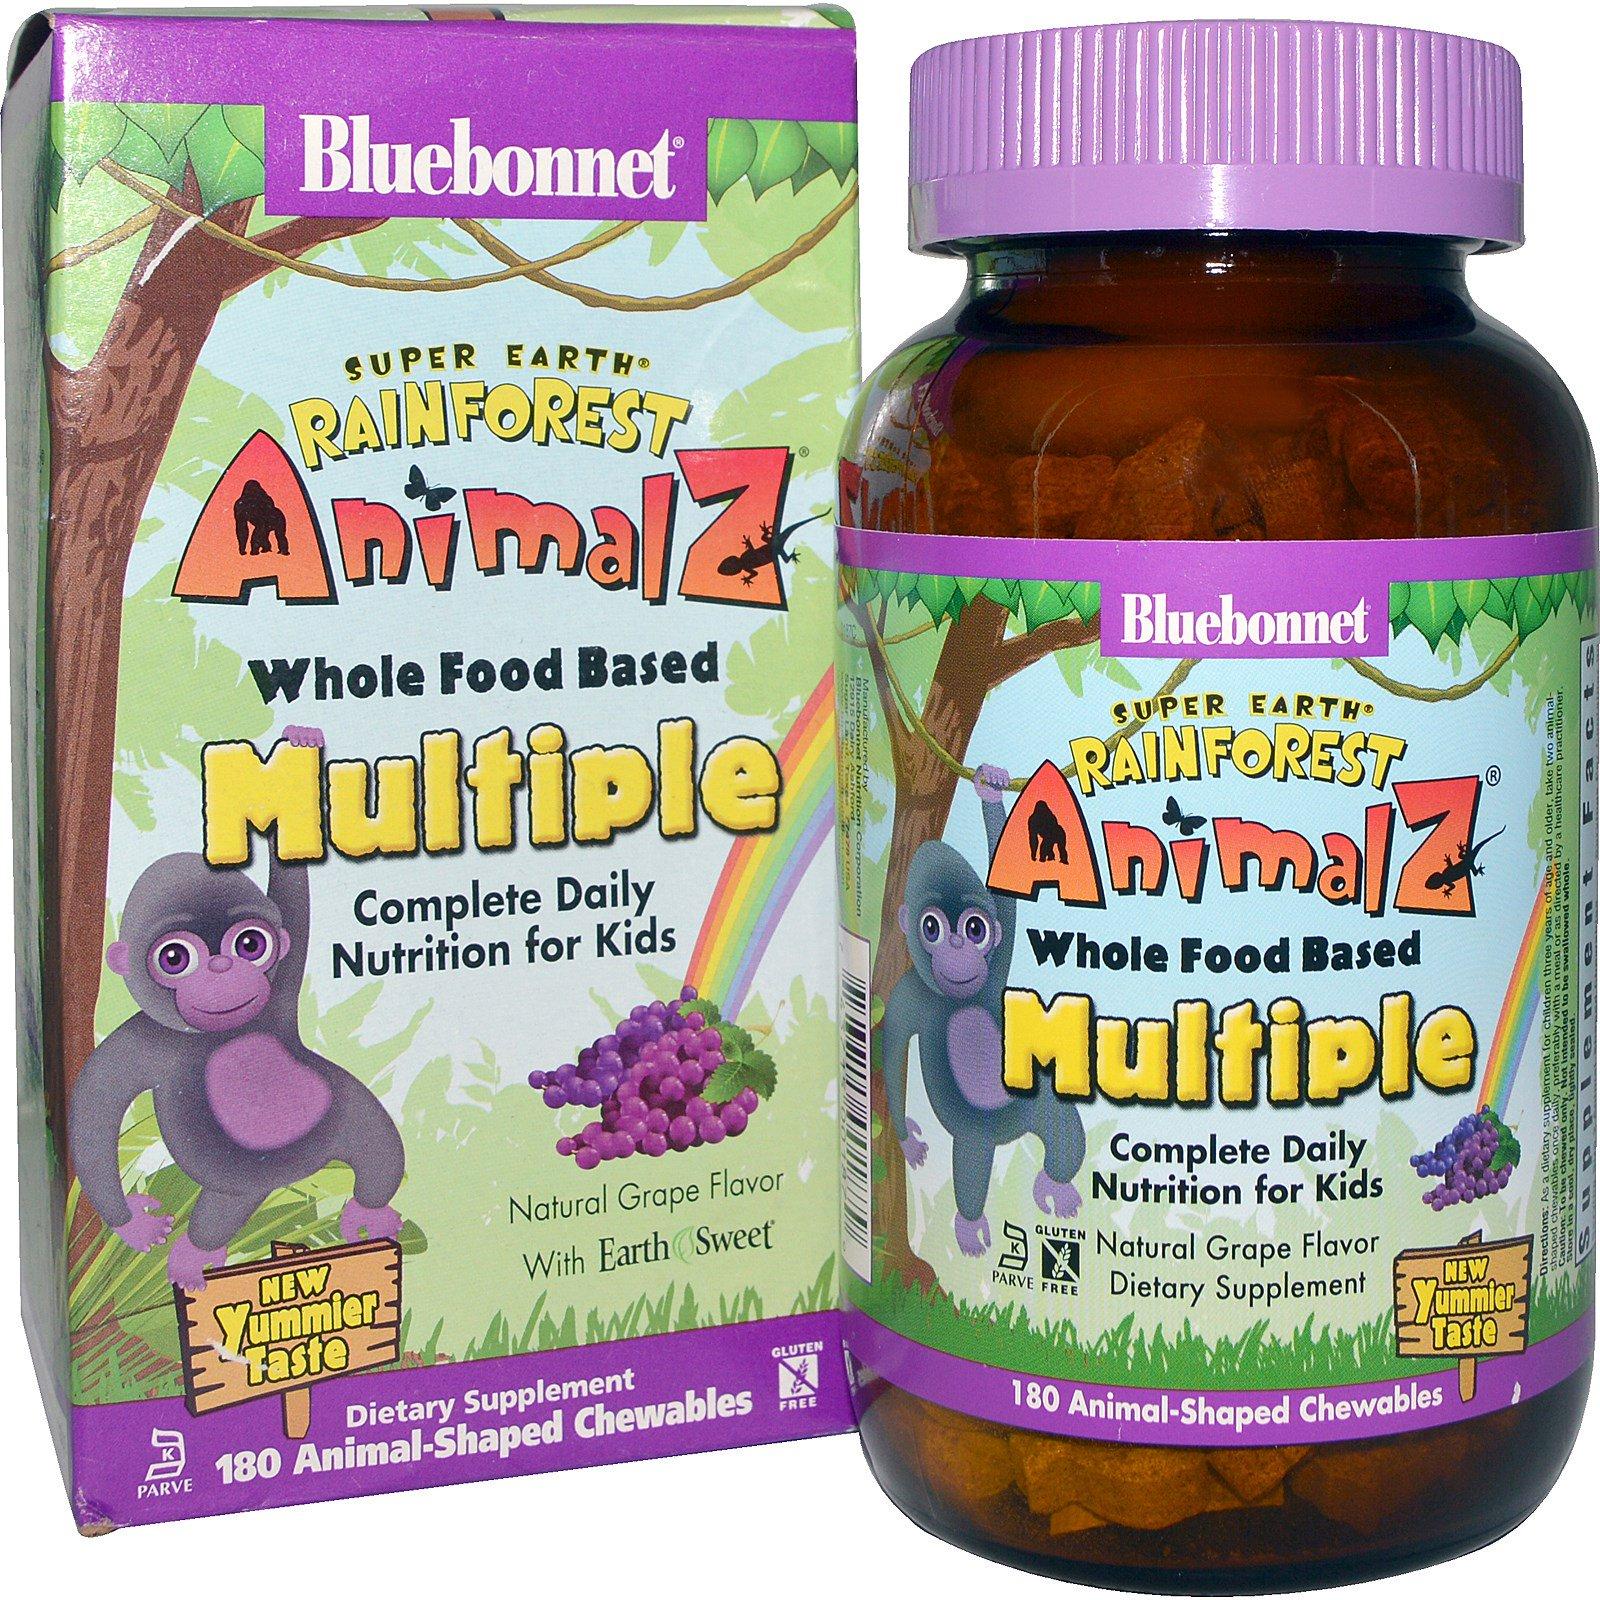 Bluebonnet Nutrition, Тропические животные, мультивитамин на основе цельных продуктов, с натуральным вкусом винограда, 180 жевательных конфет